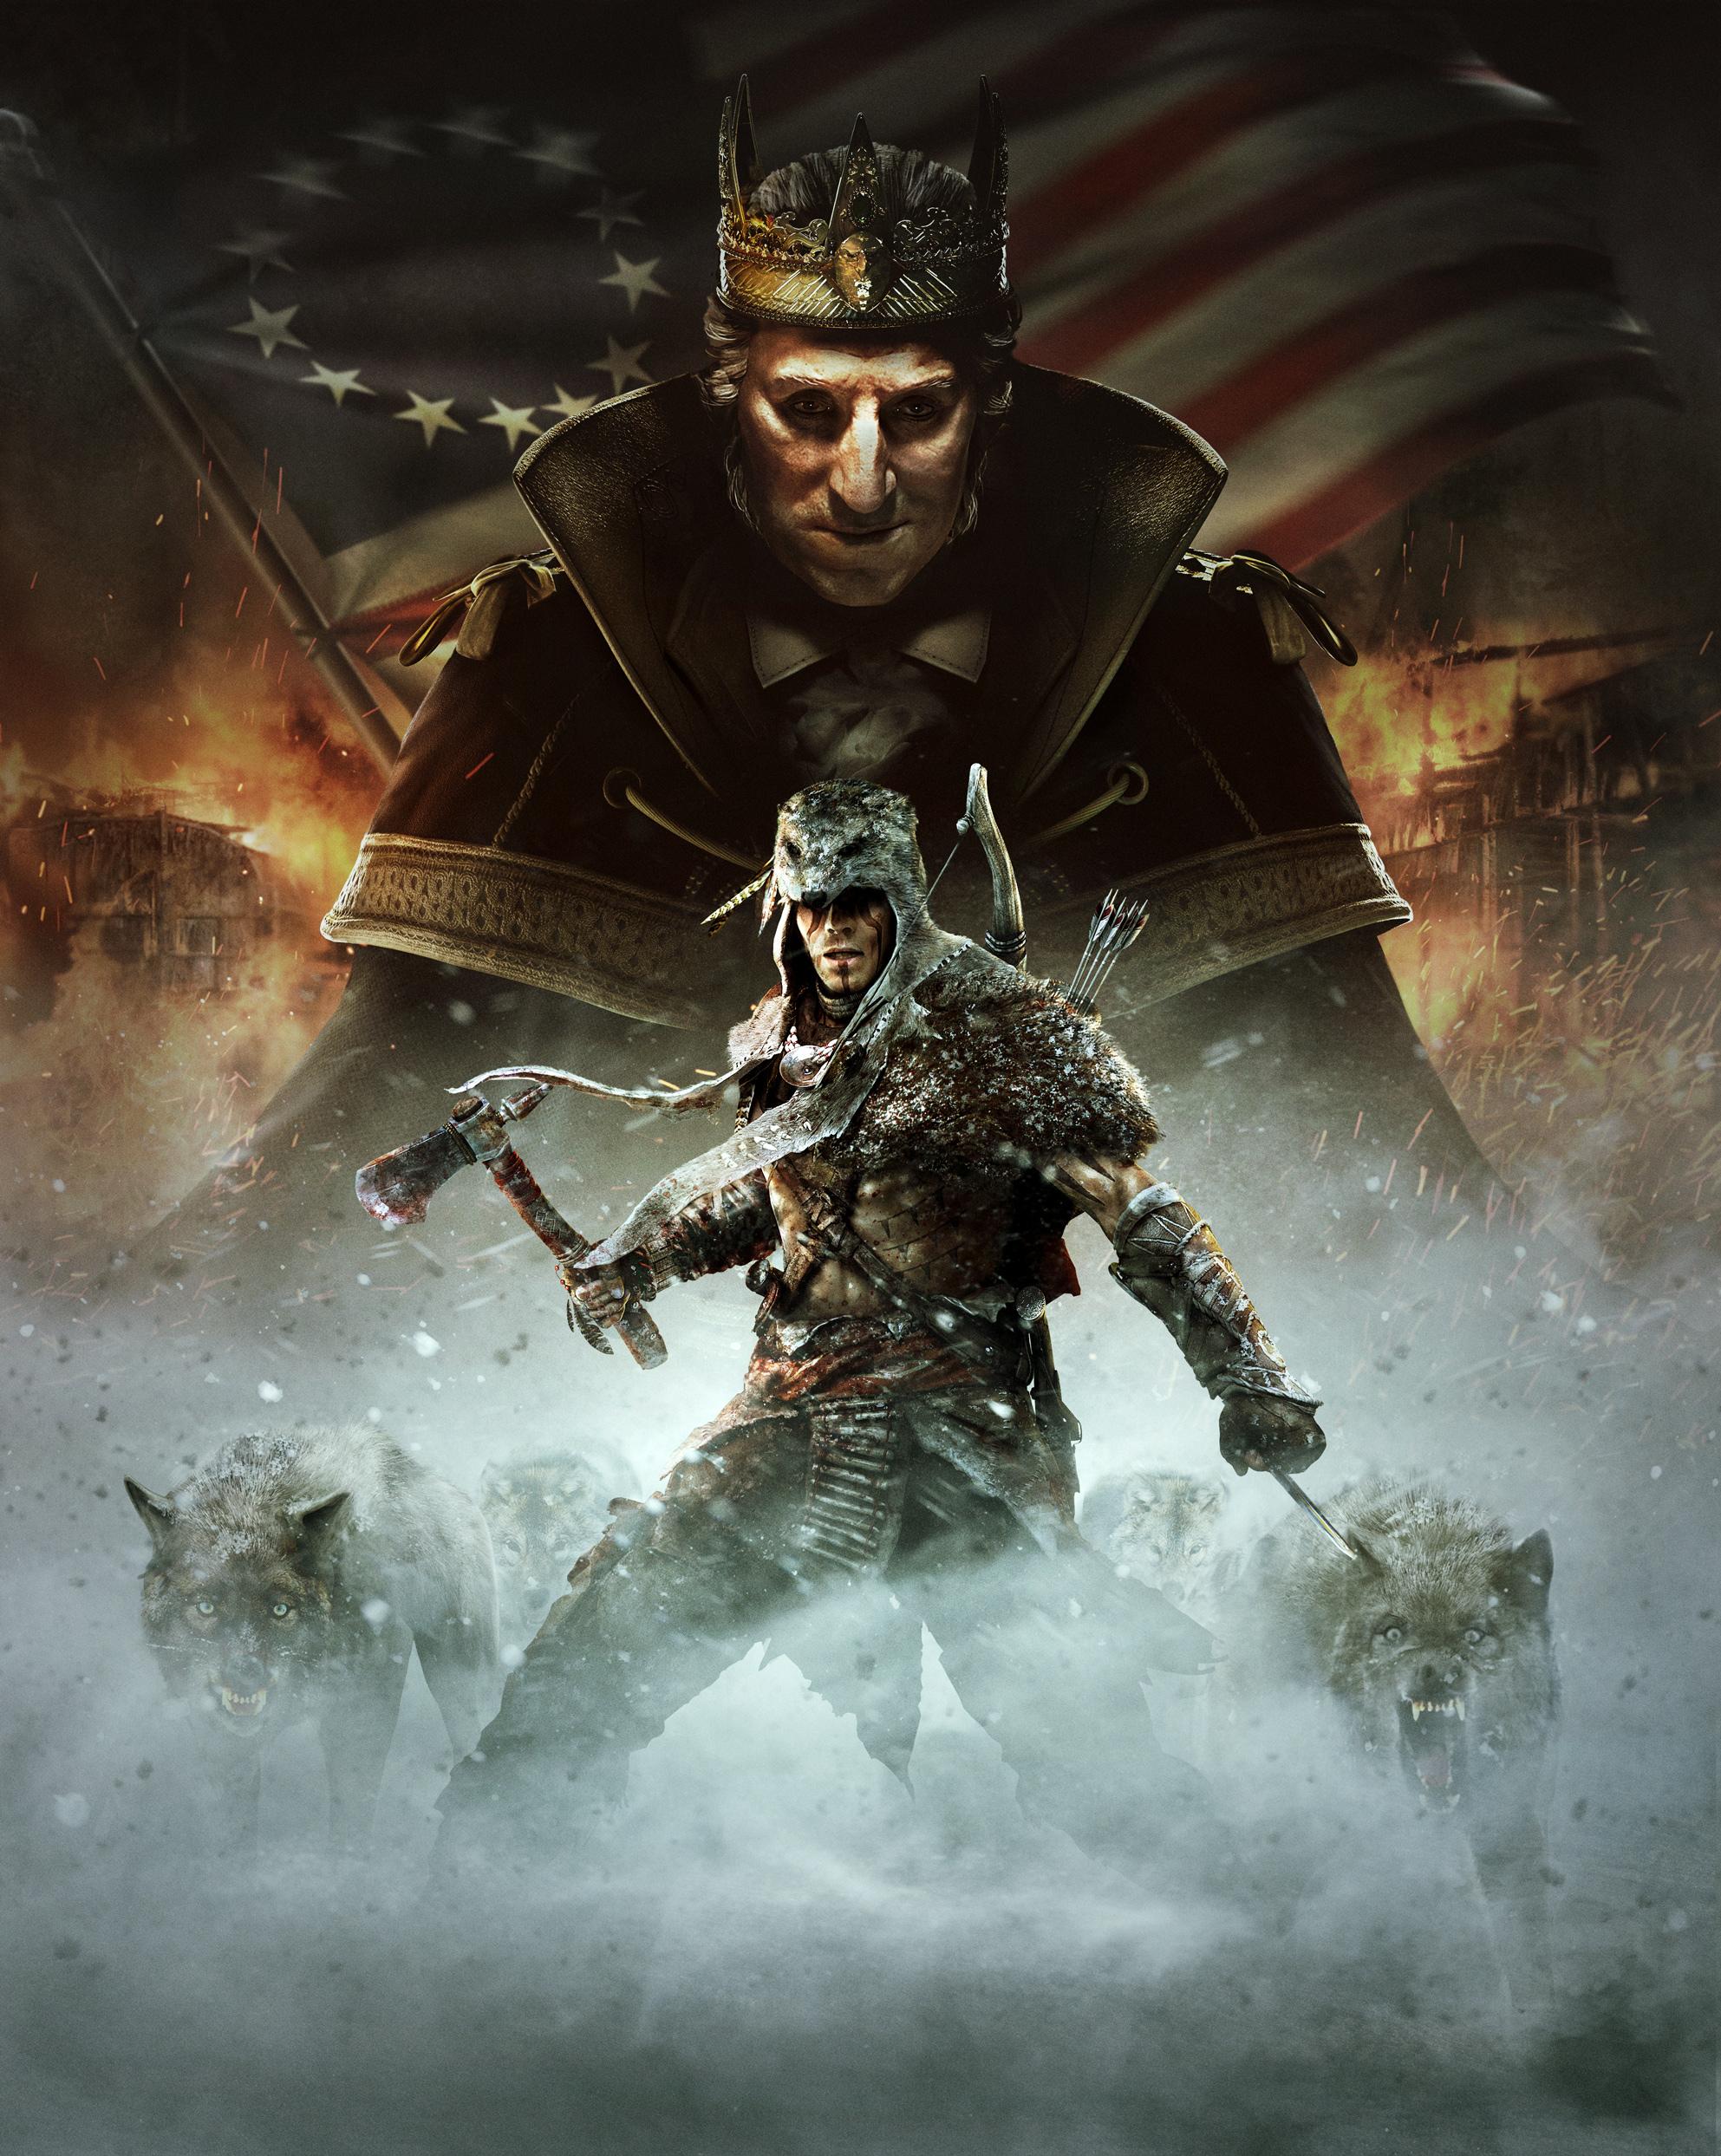 Assassin's Creed 3 News - AusGamers.com